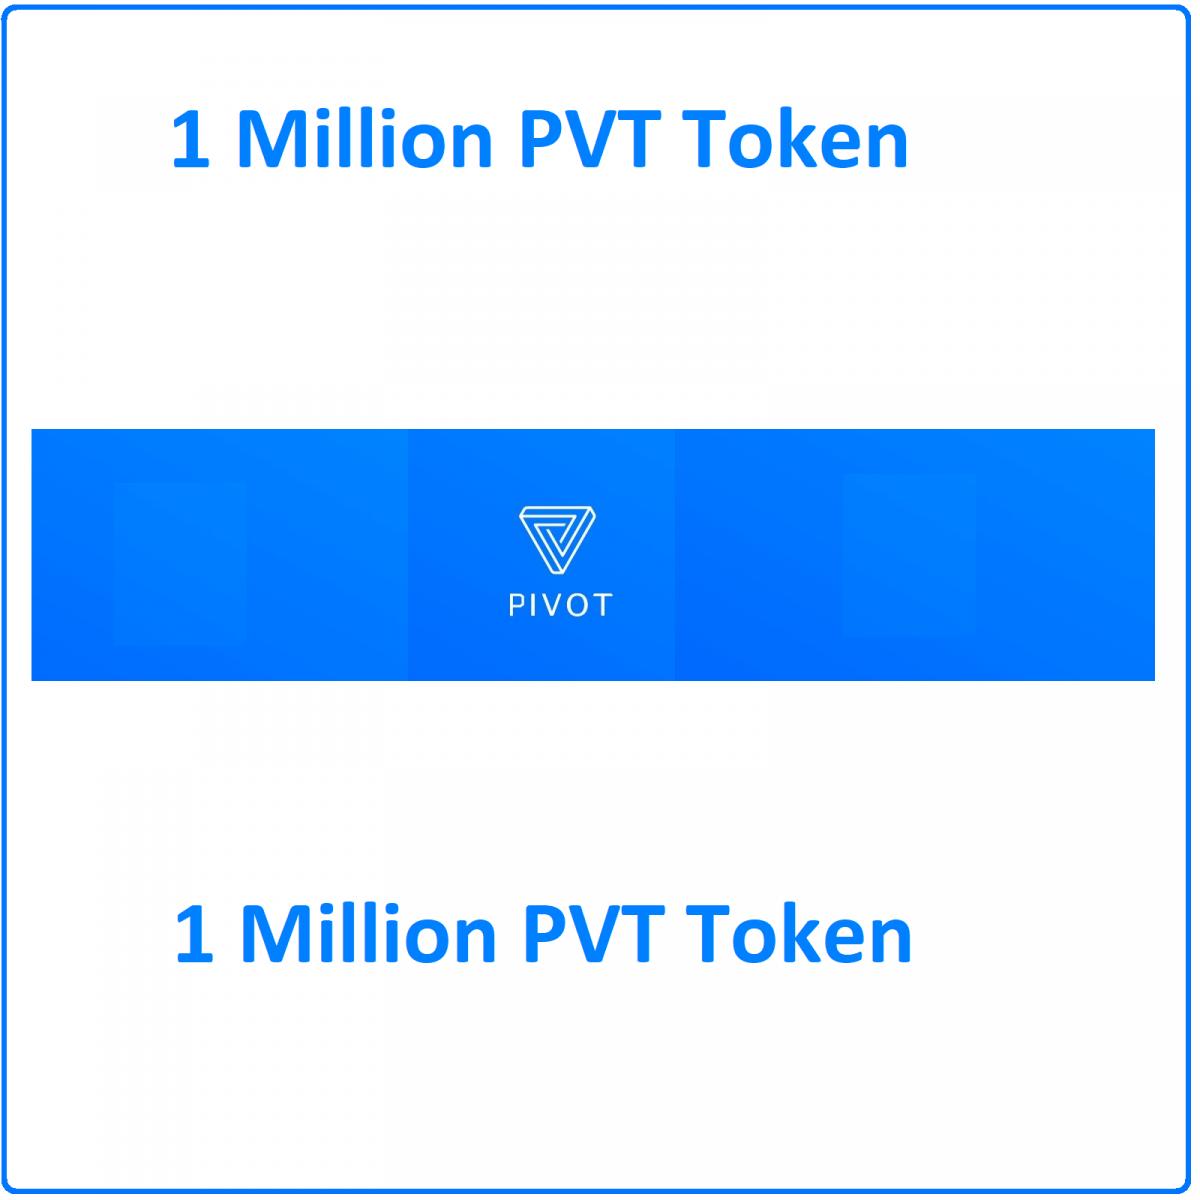 1 Million Pivot token (PVT) Mining Contract